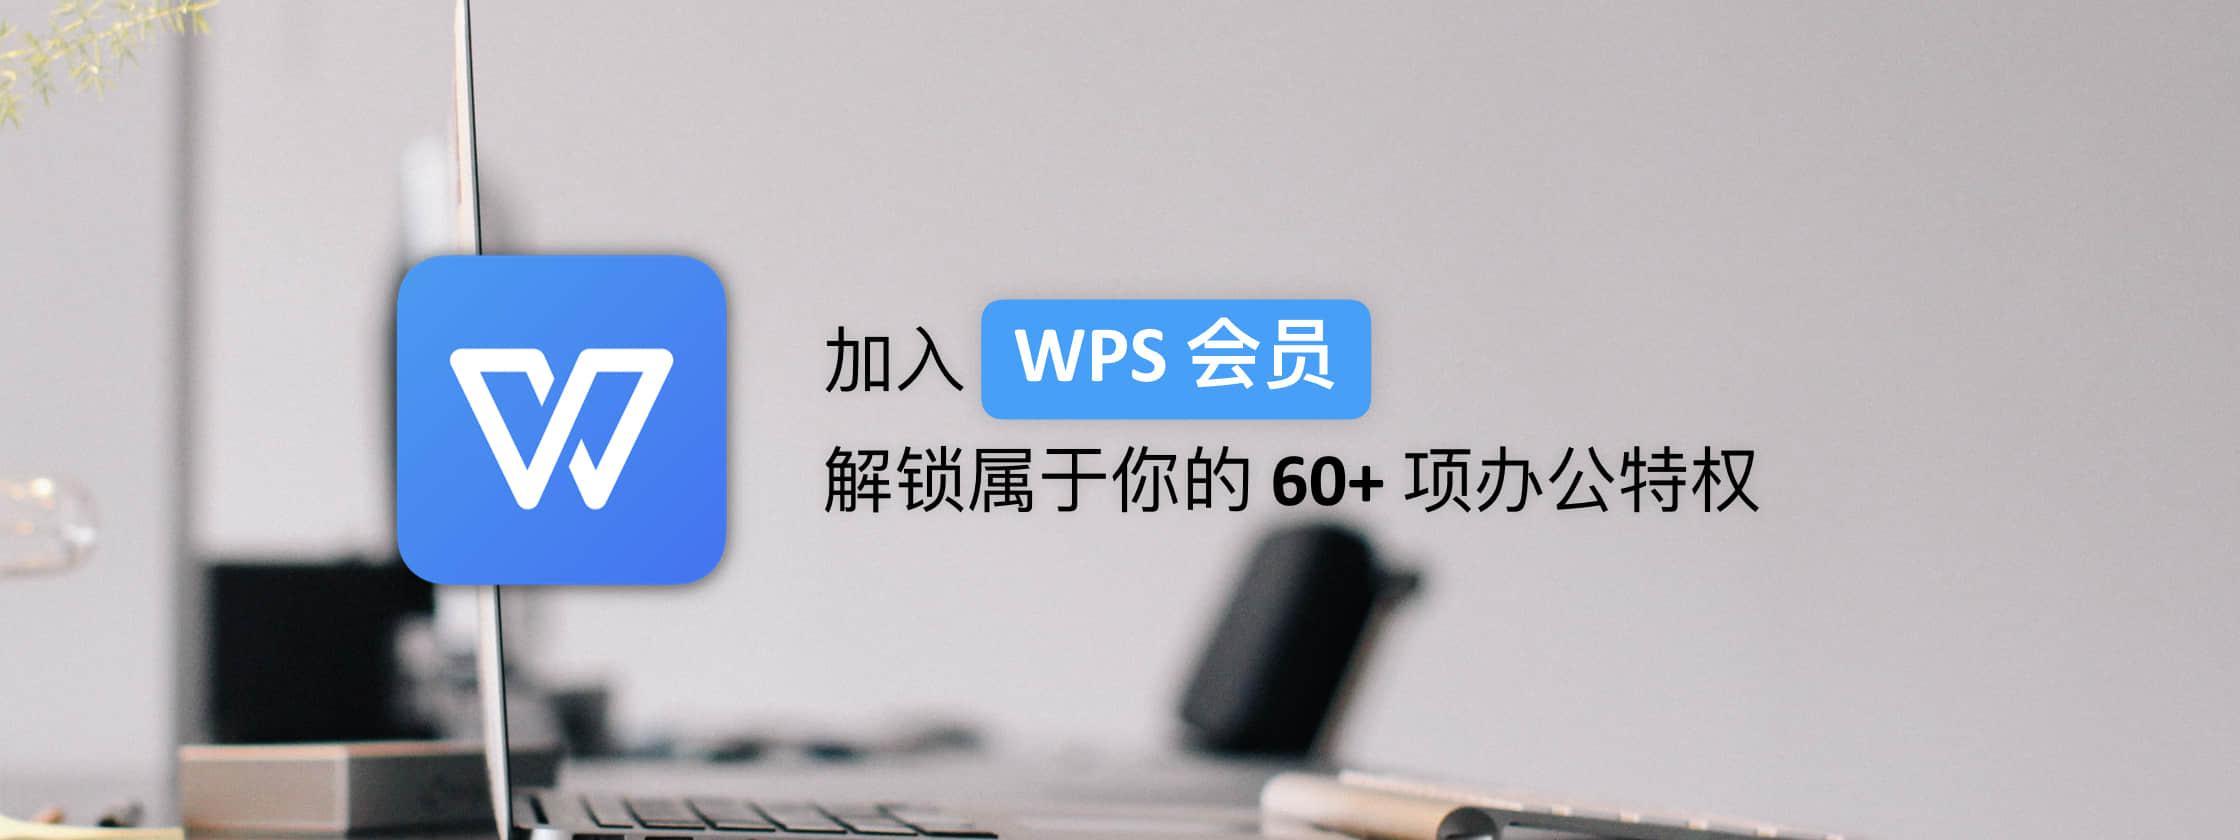 加入 WPS 会员,解锁属于你的 60+ 项办公特权